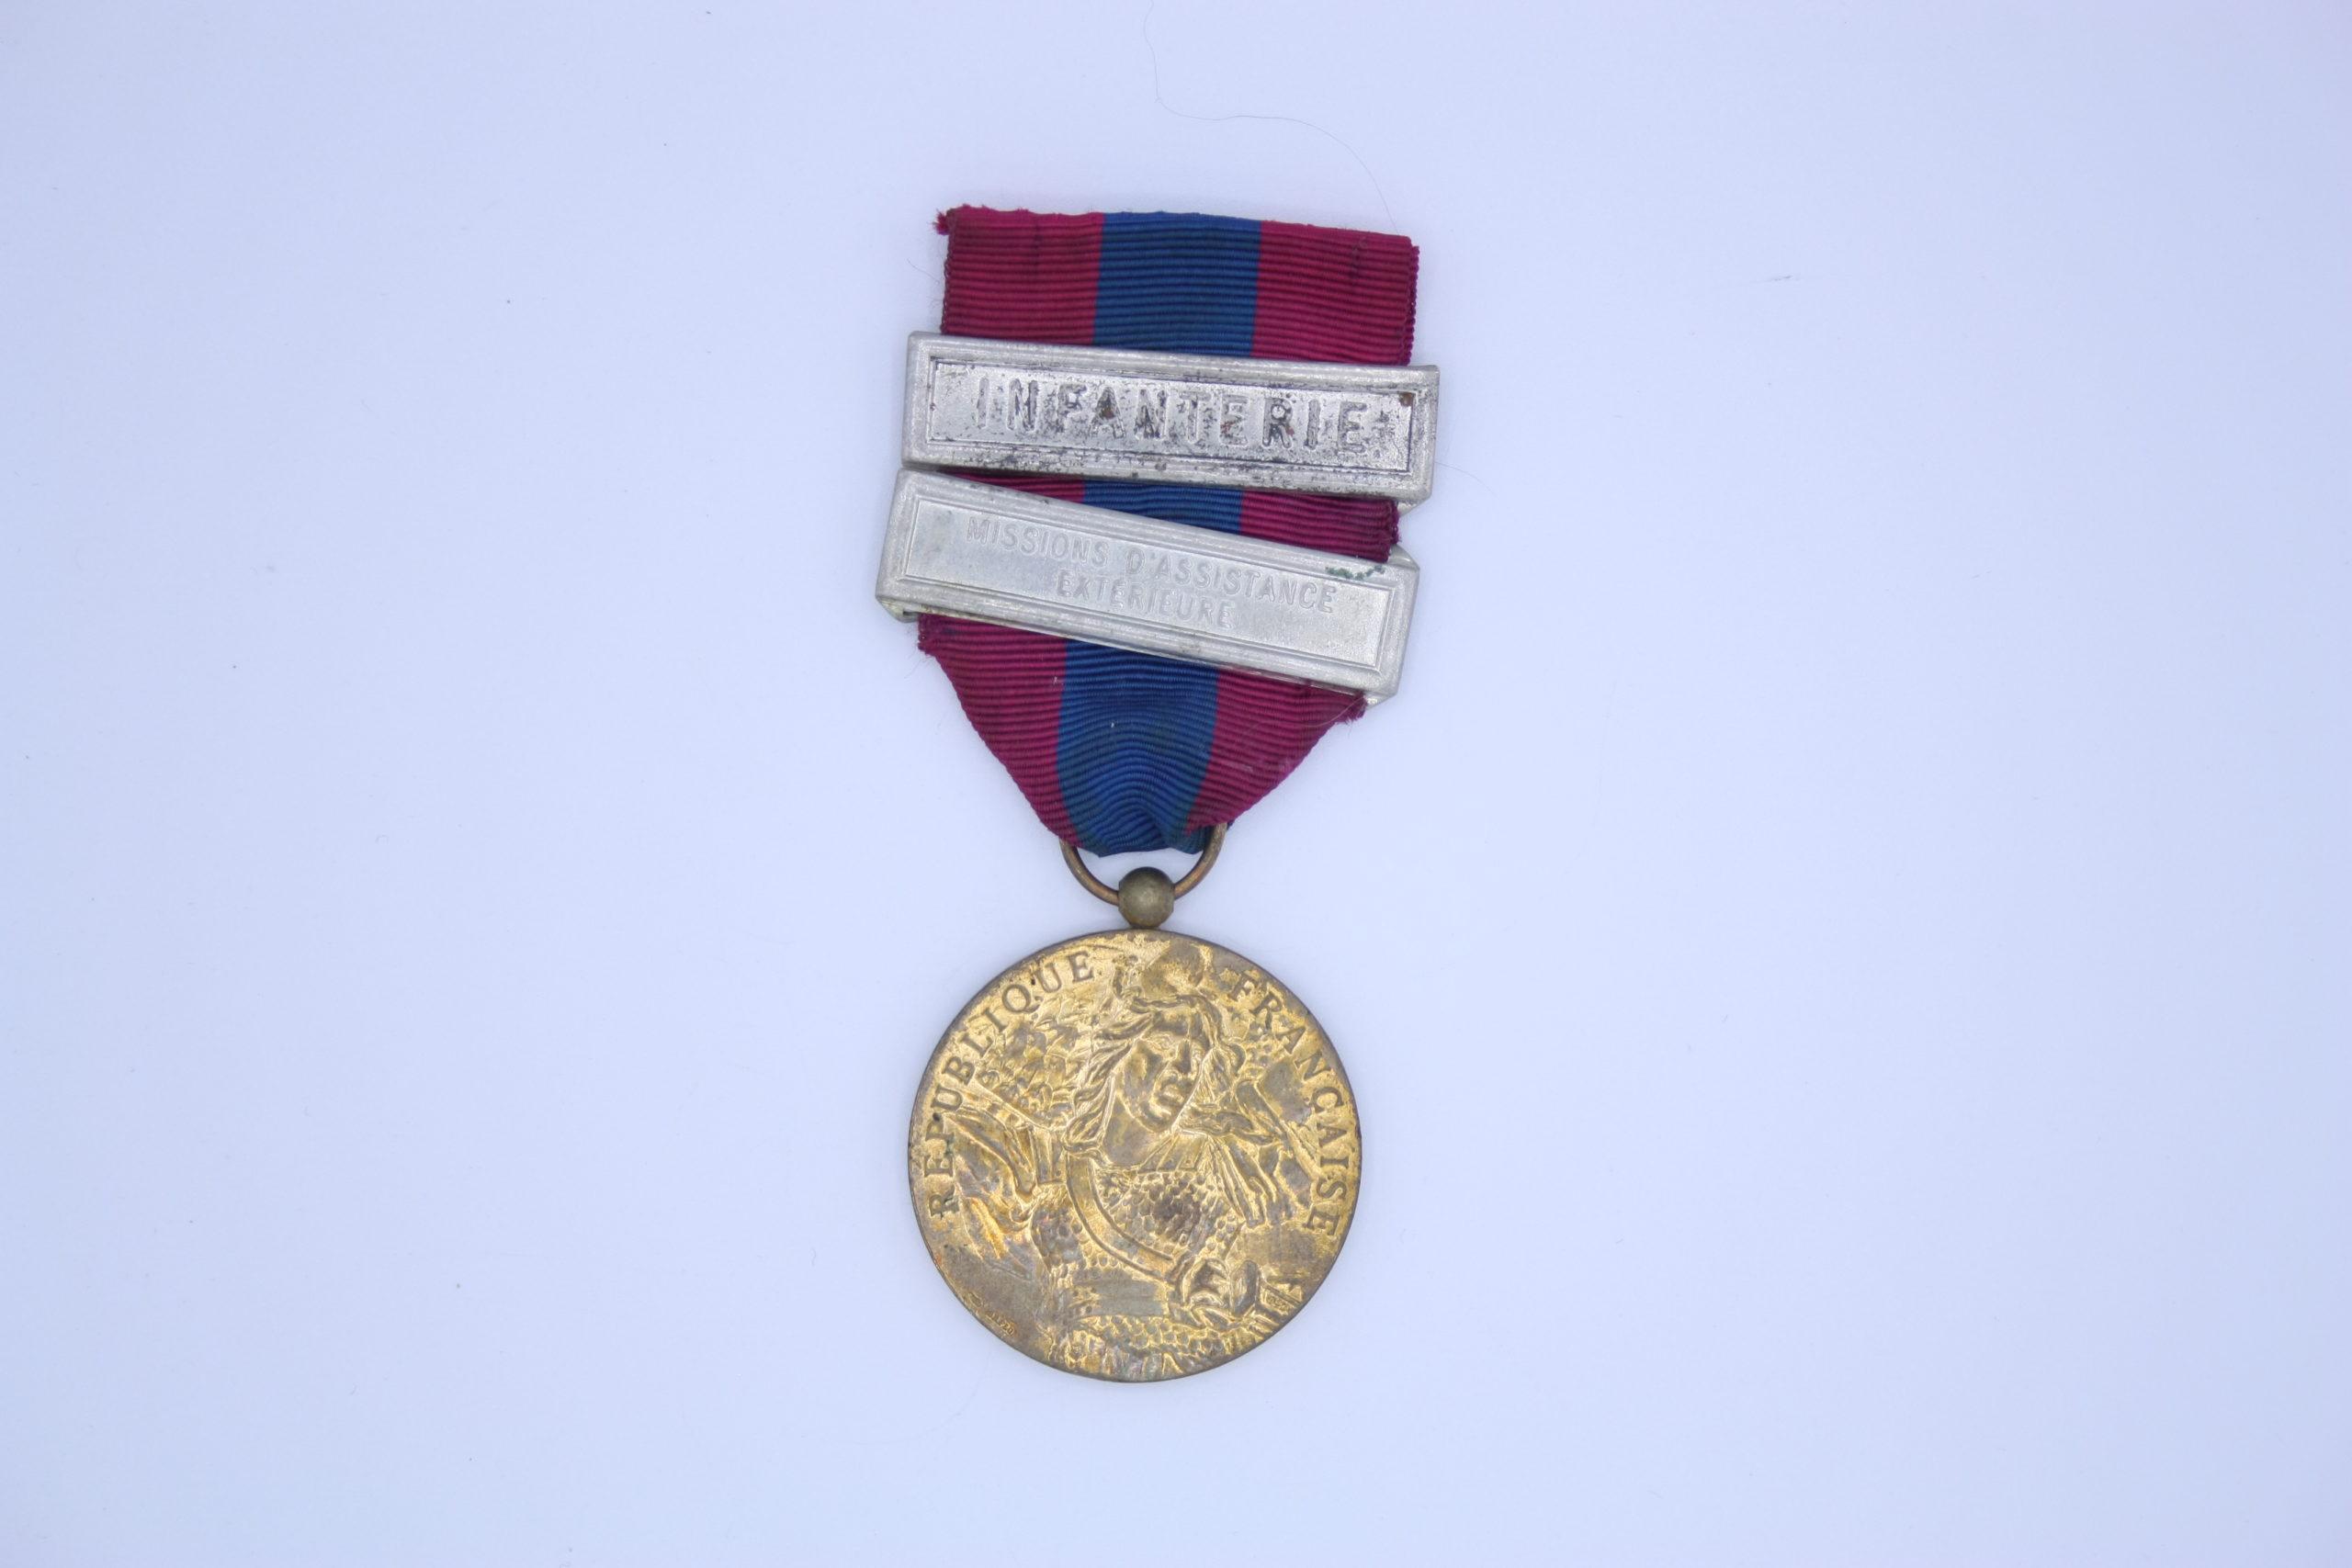 Décoration Française - Médaille défense nationale française